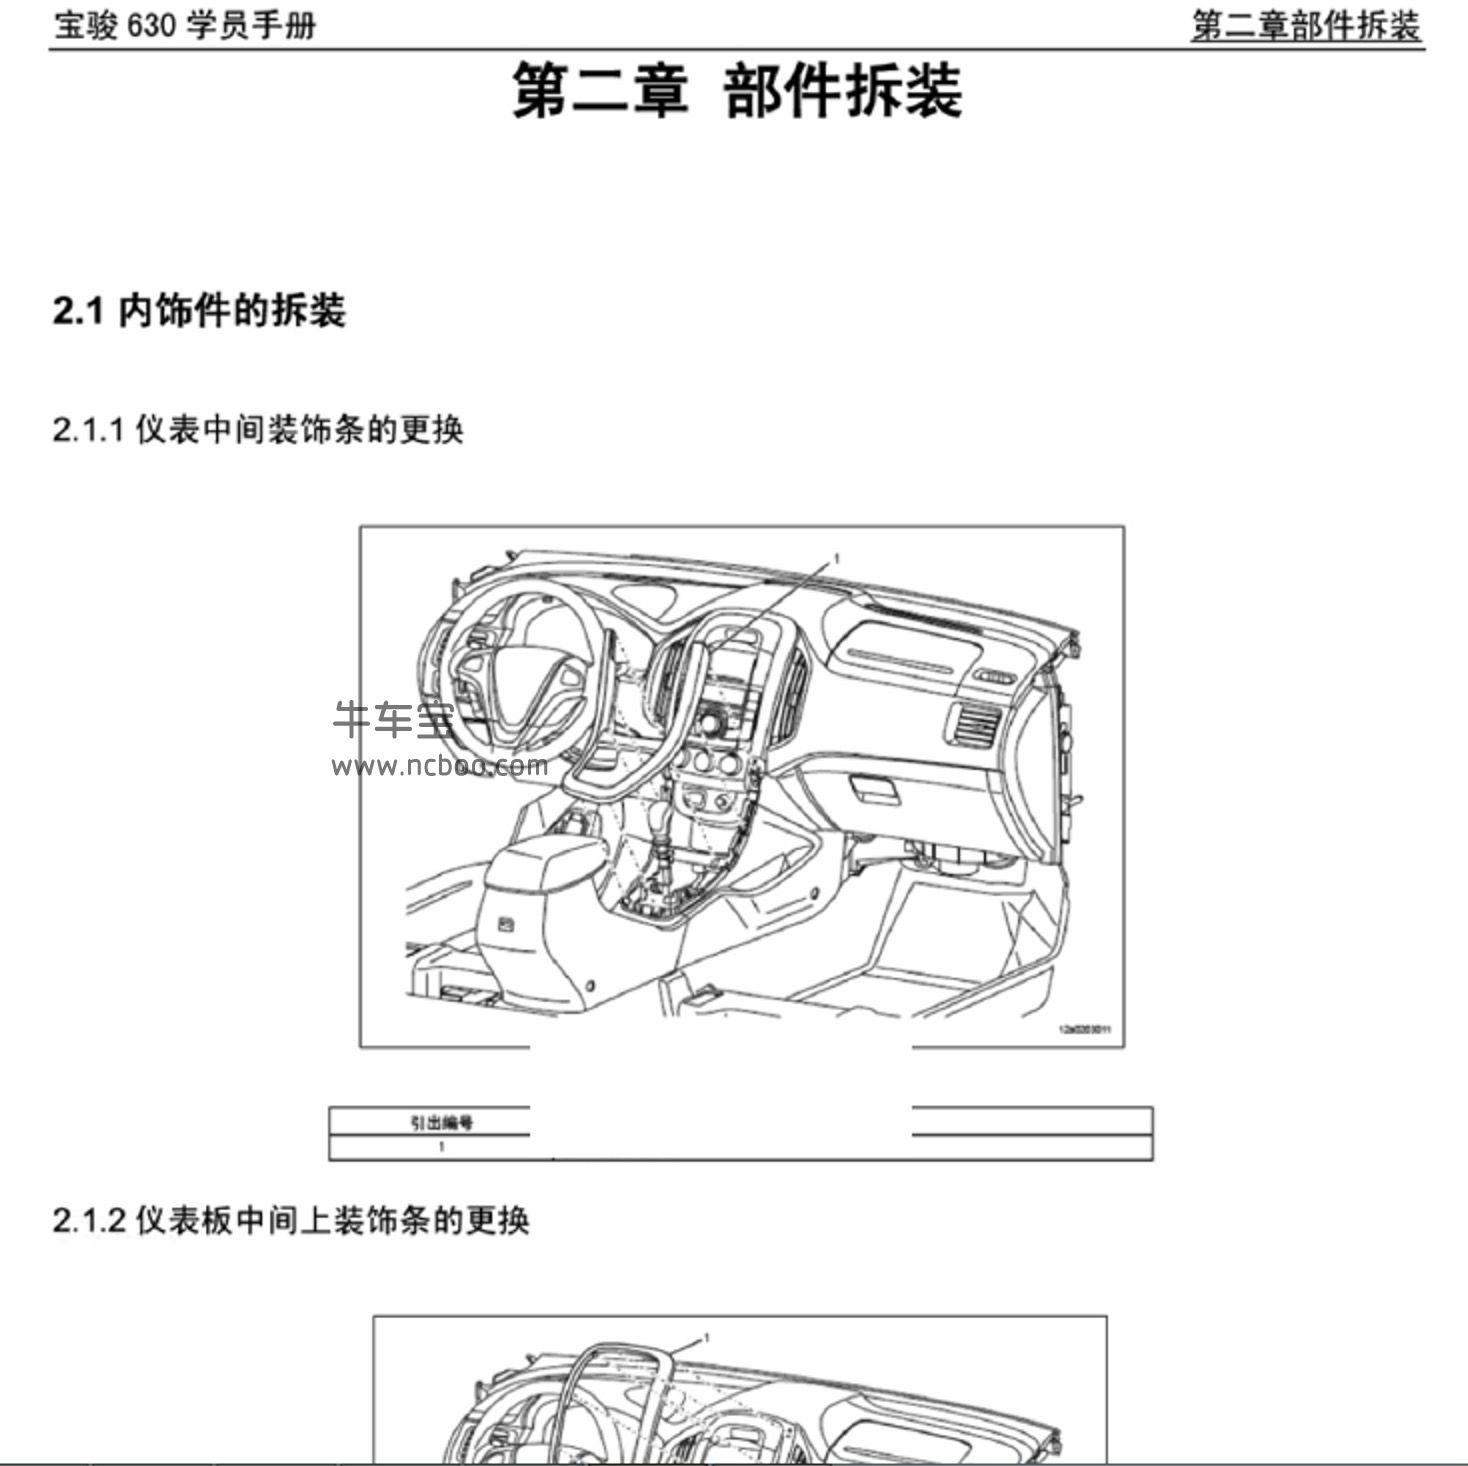 2013-2016款宝骏630原厂维修手册和电路图资料下载